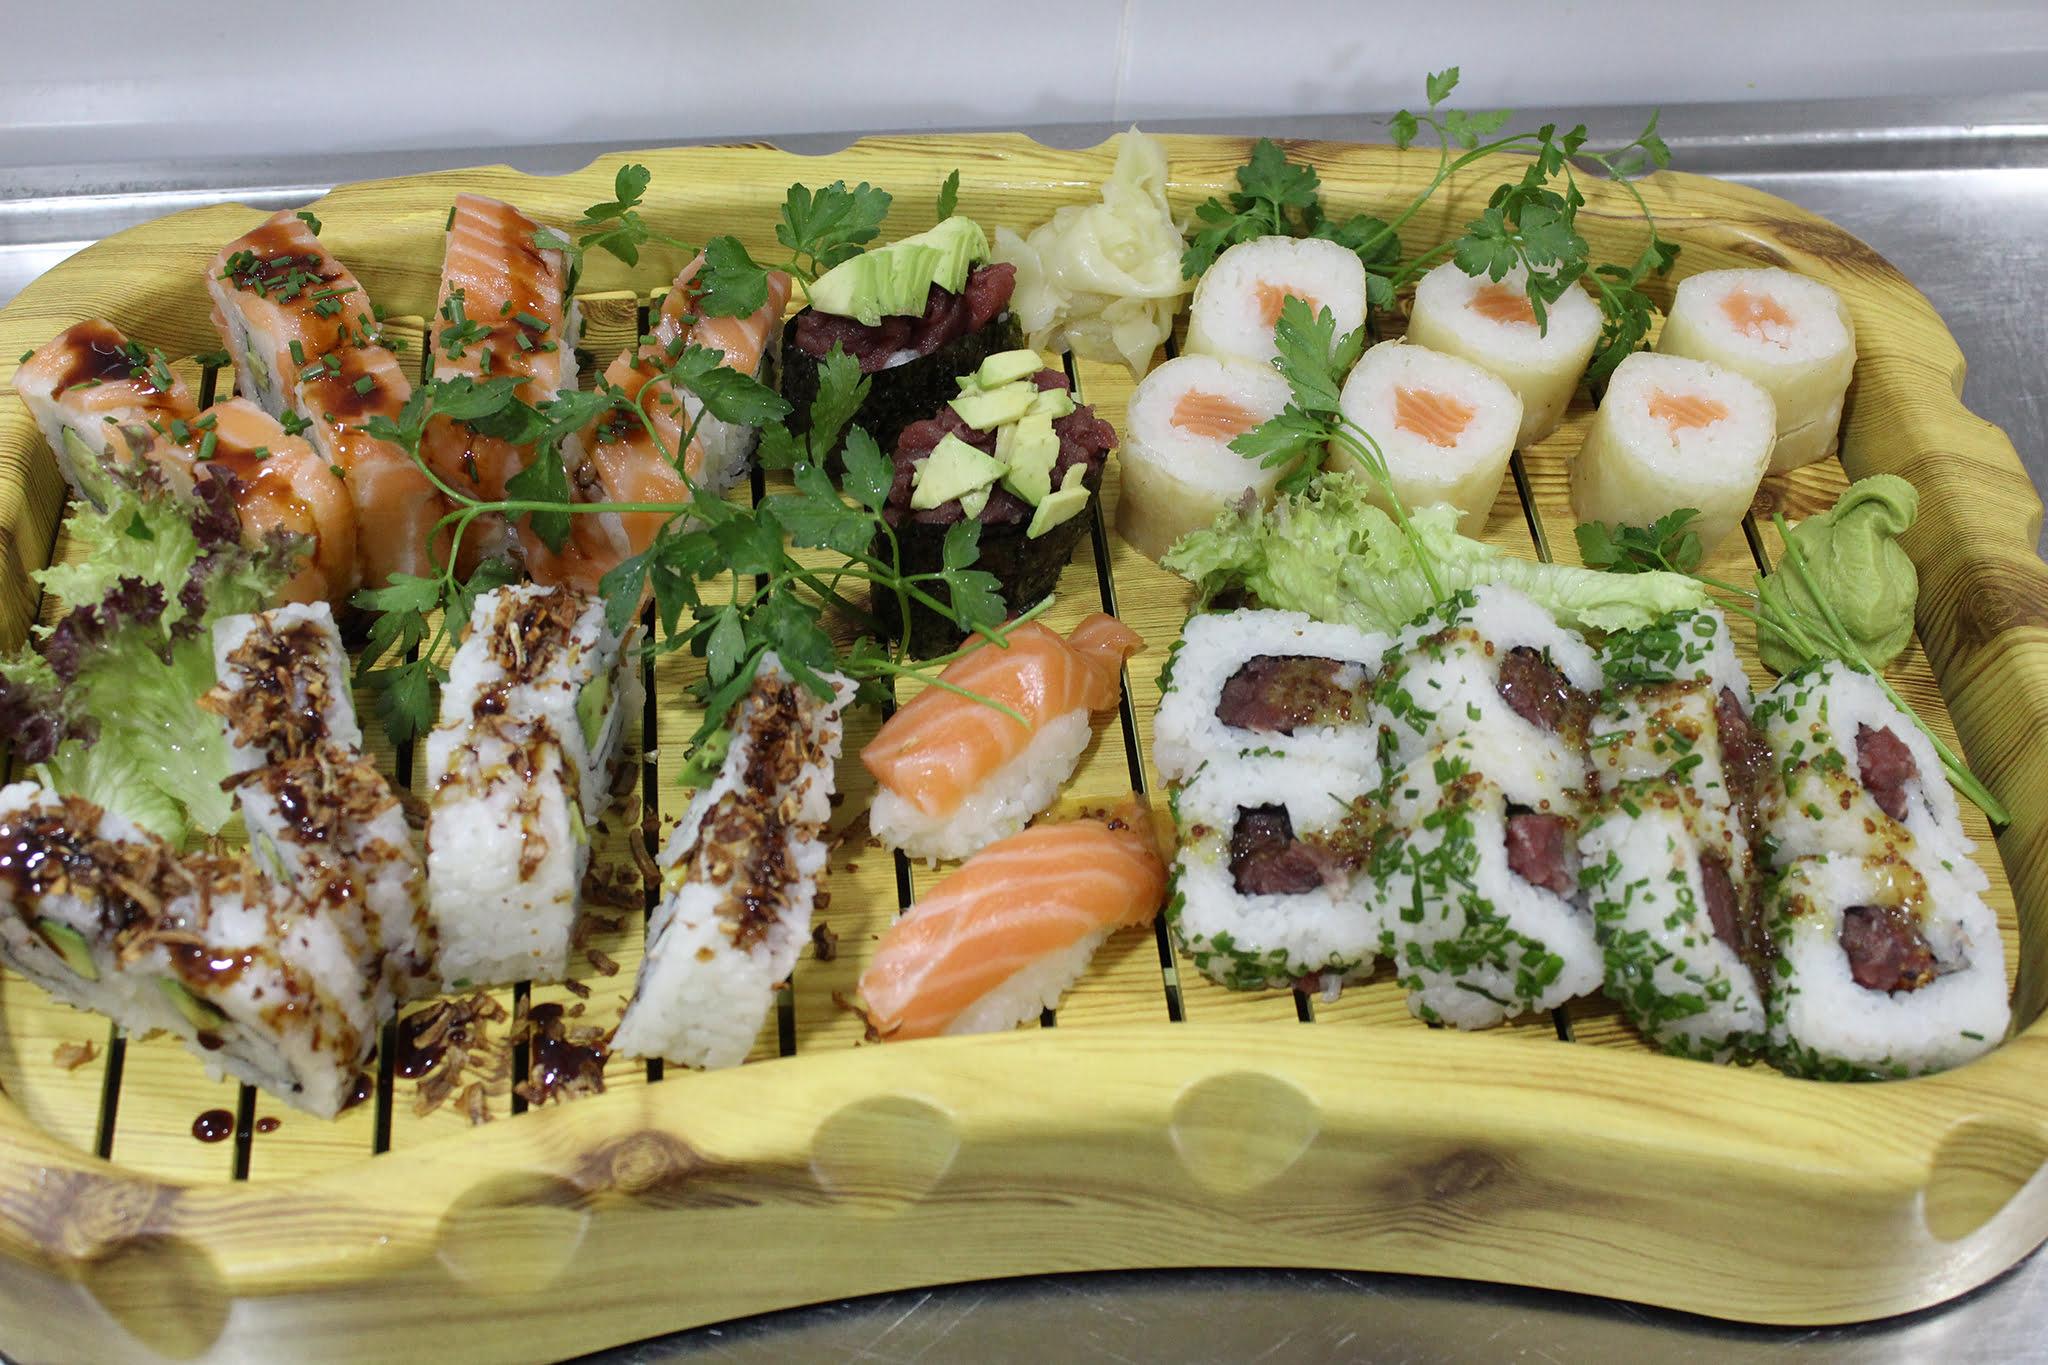 Comer japonés en Jávea – Restaurante asiático Semana 8